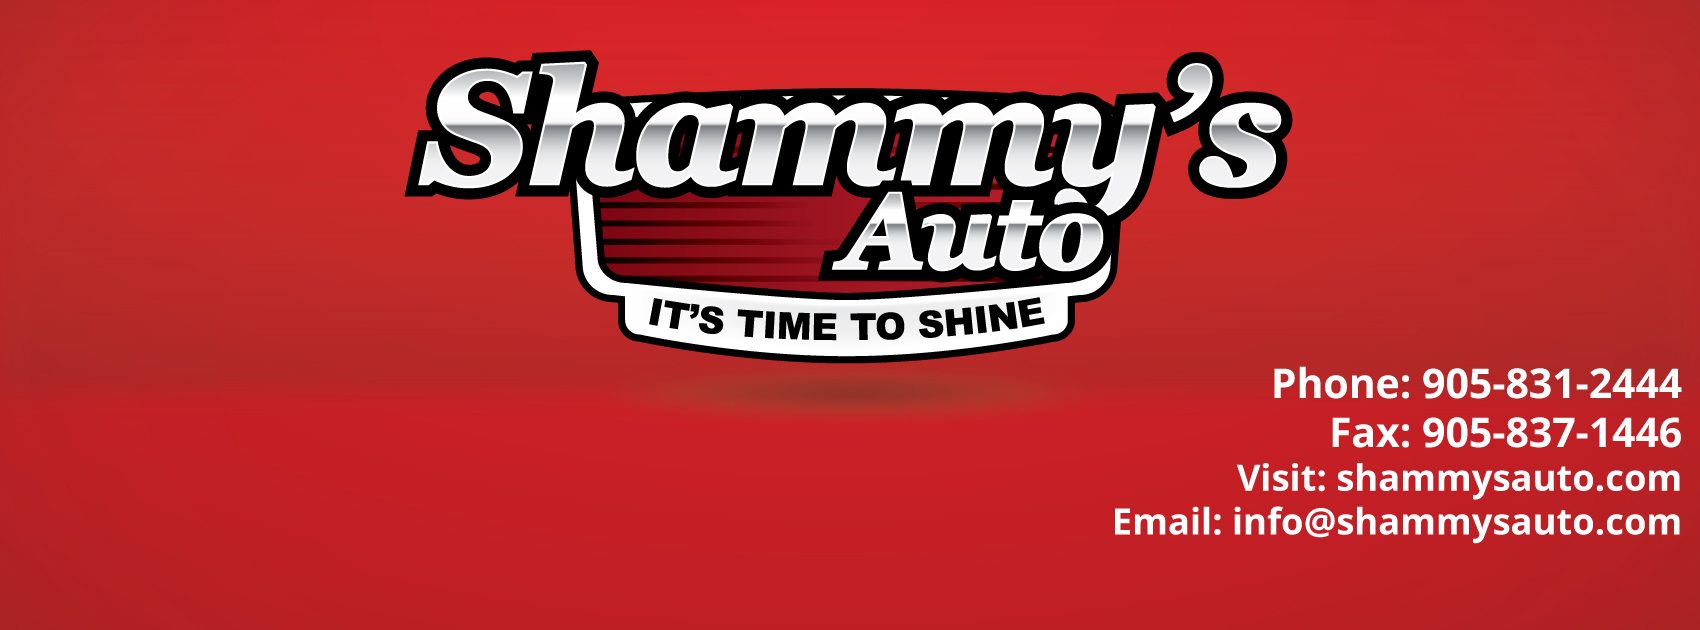 Shammys Auto Logo Shammy S Auto Detailing